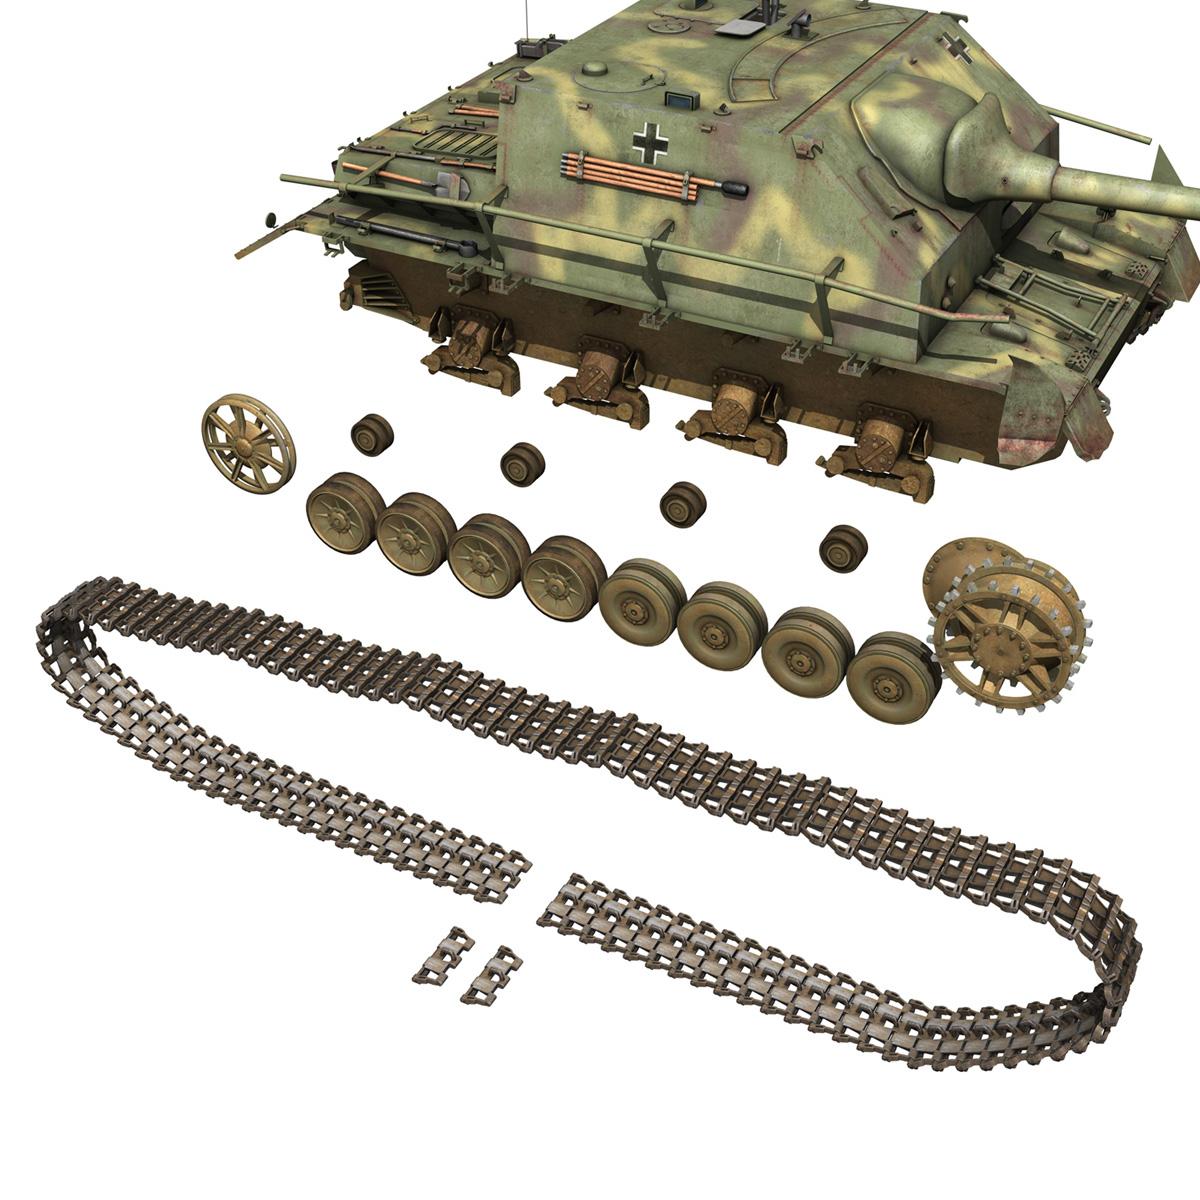 jagdpanzer iv l/70 (a) 3d model 3ds fbx c4d obj 200837